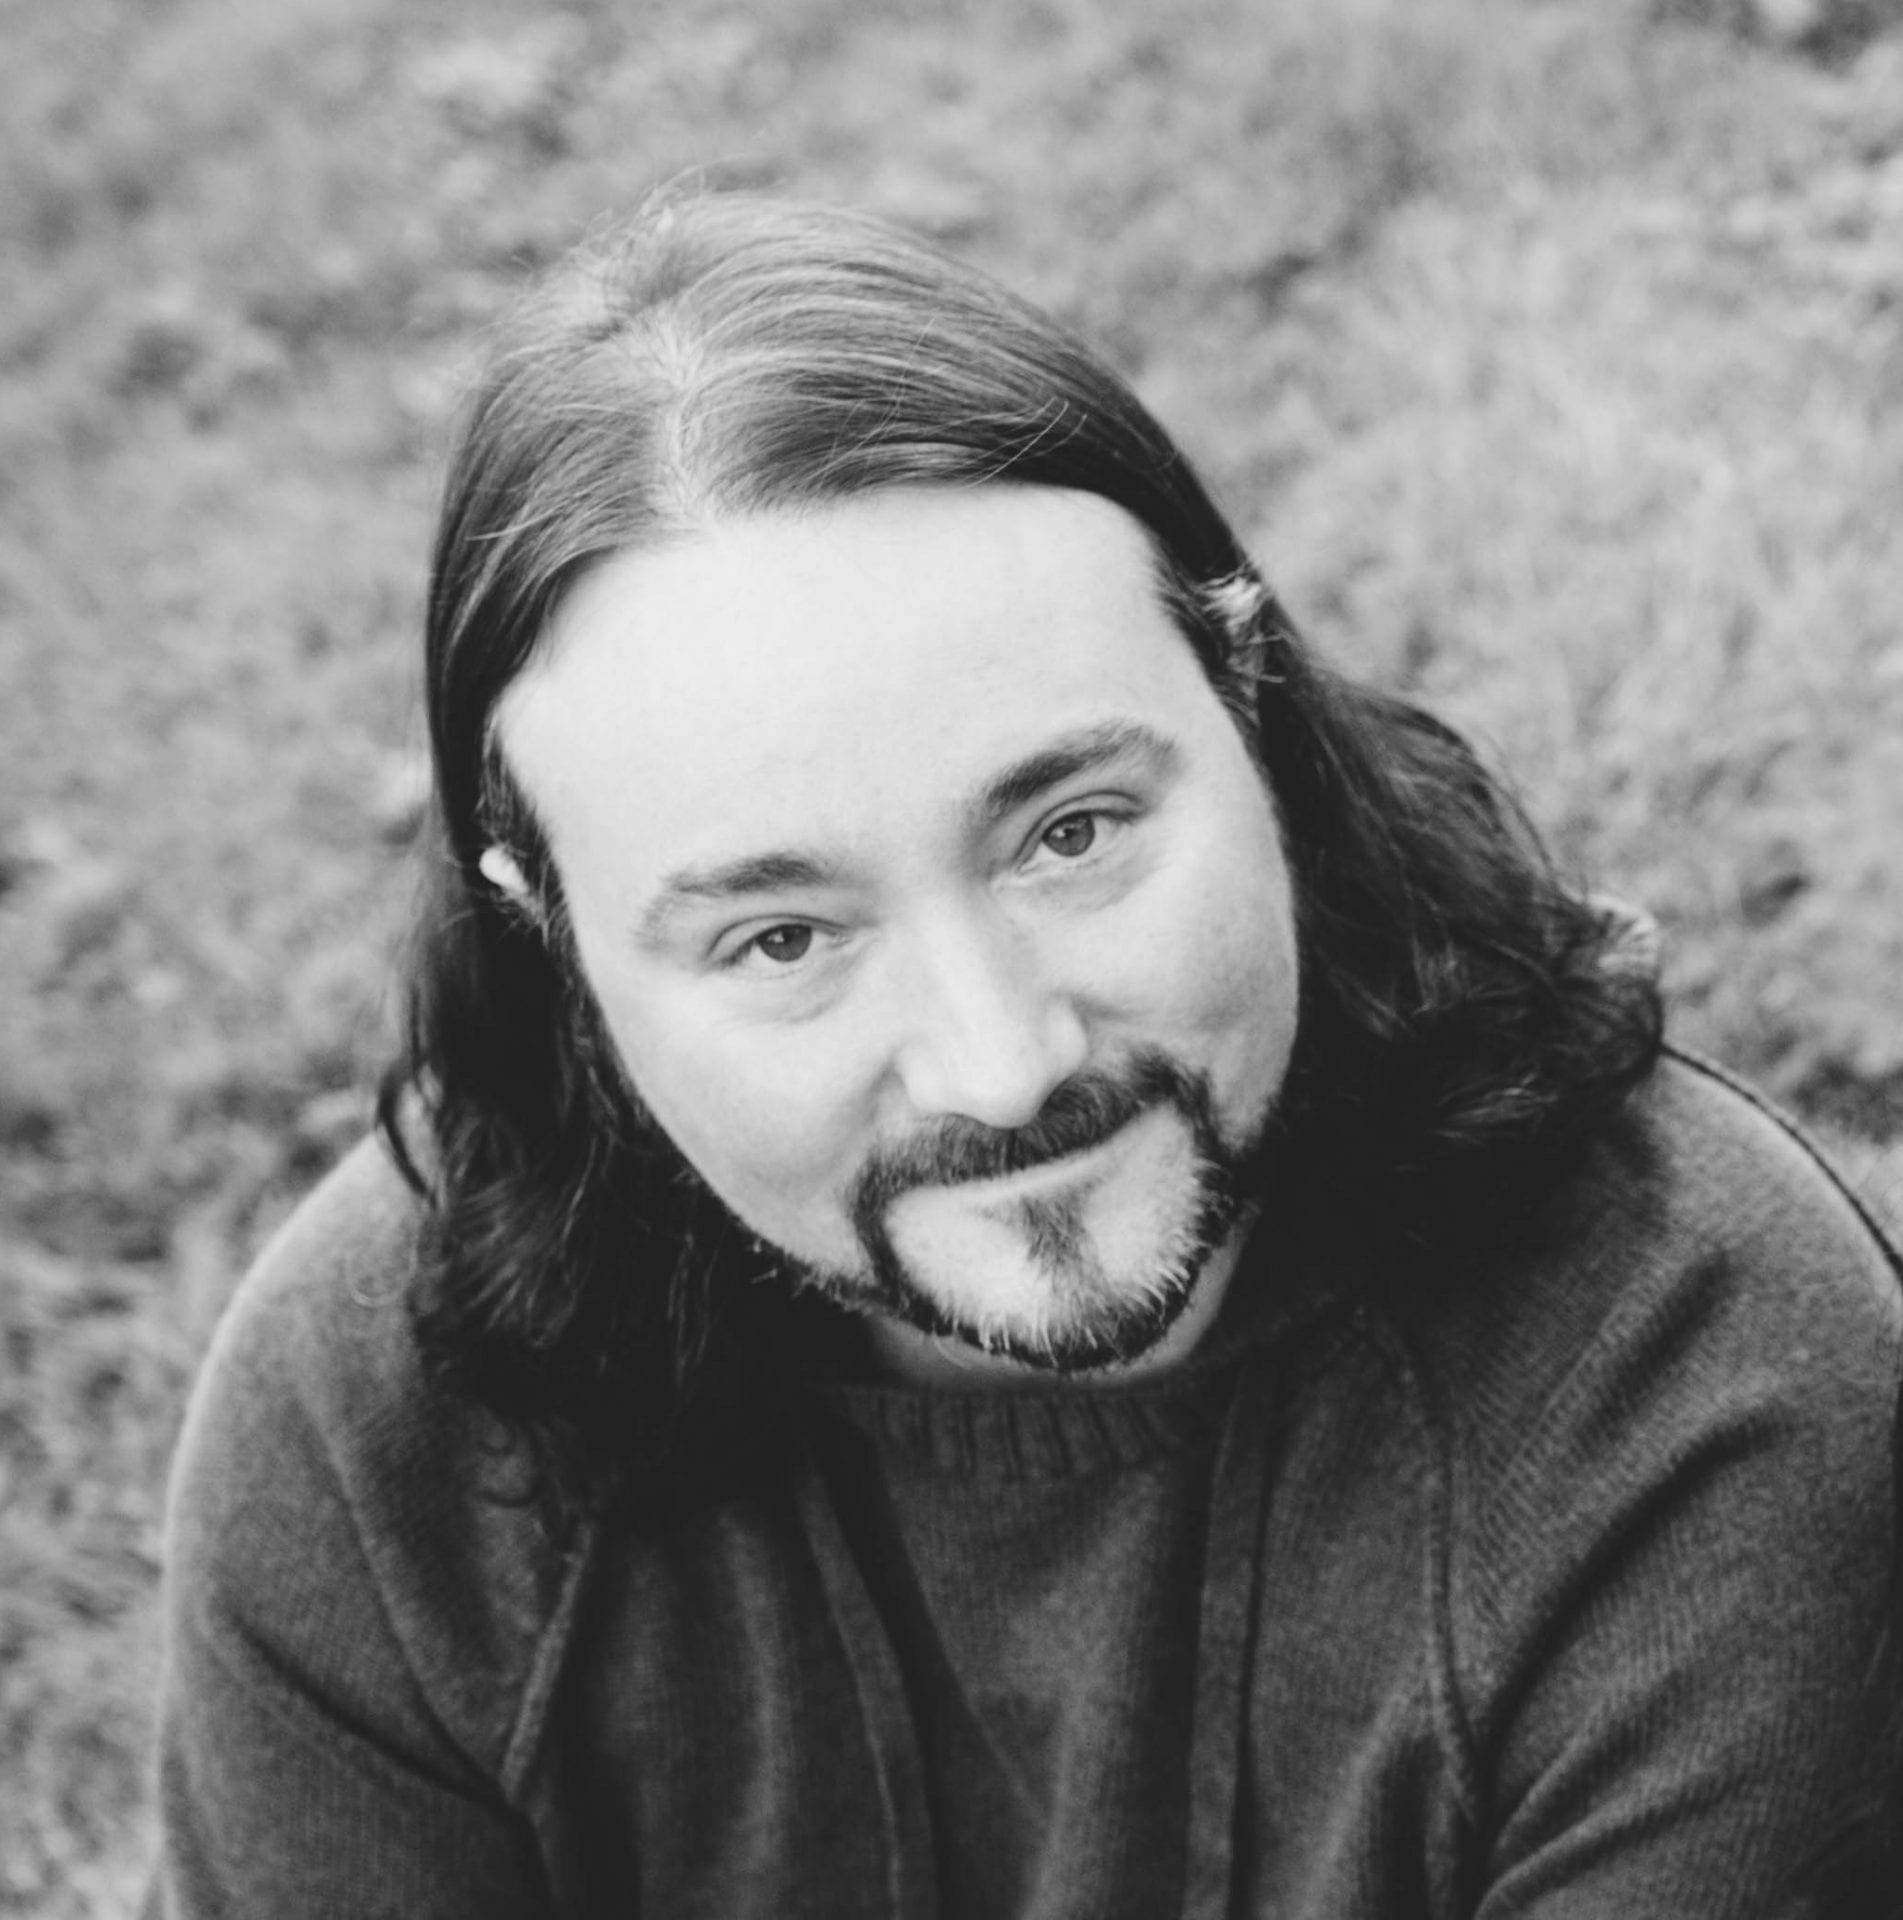 Behind the scenes of Prog: Interviewing digital artist Wayne Joyner